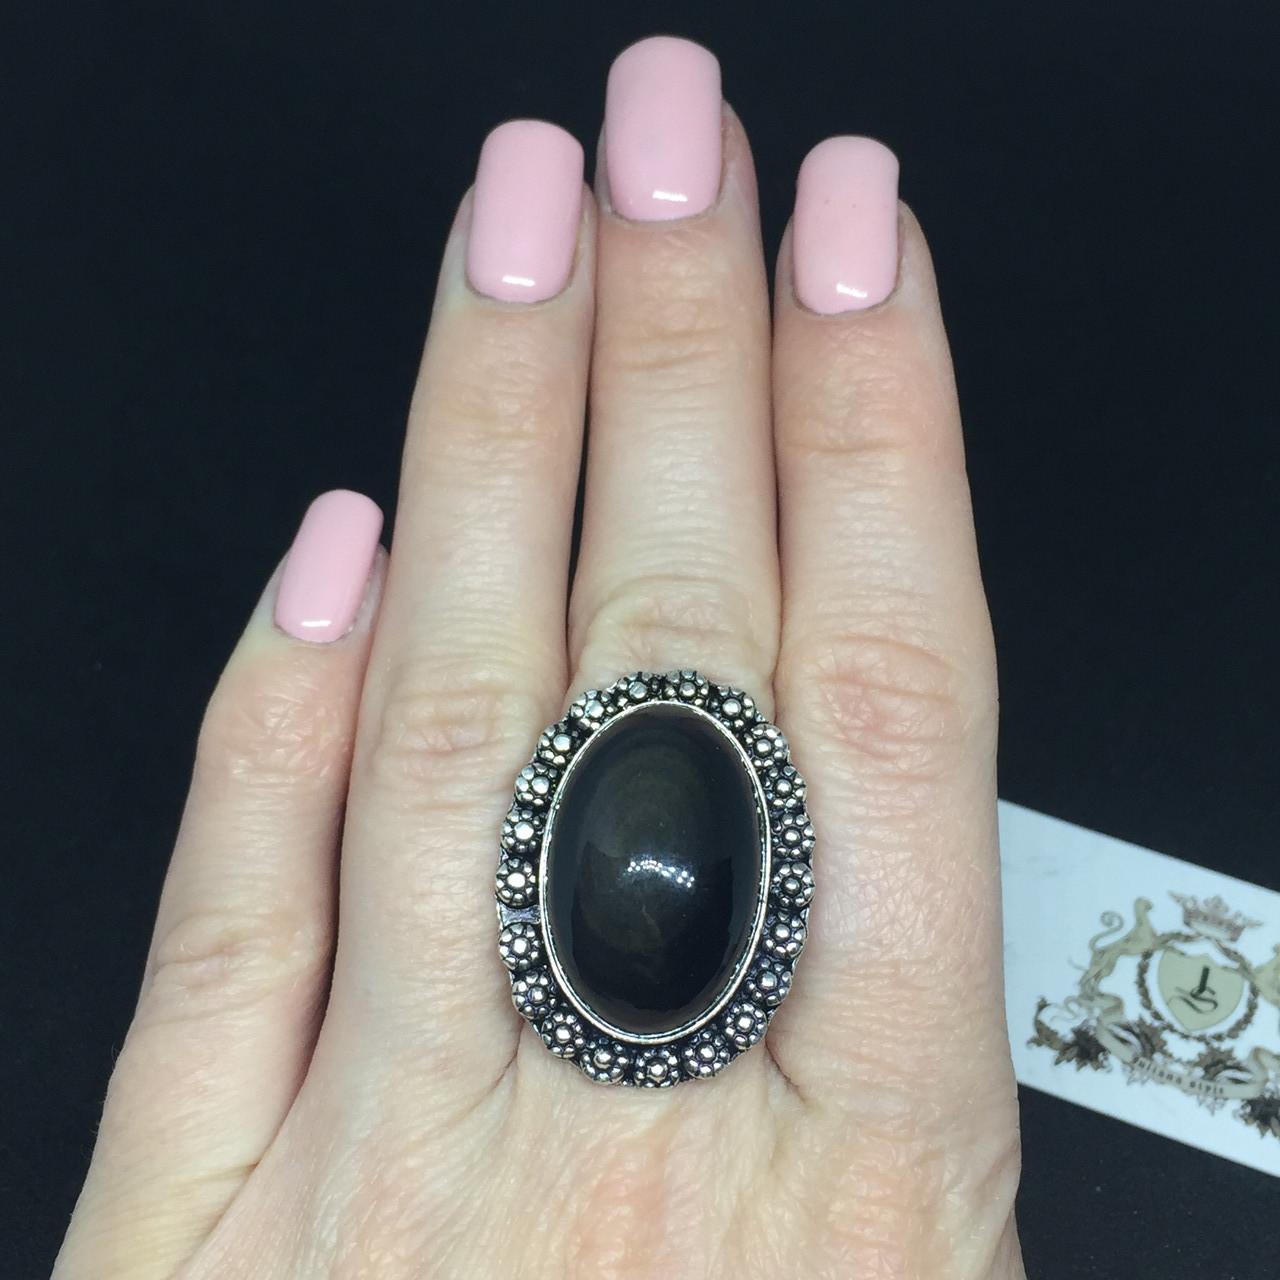 Обсидиан овальное кольцо с натуральным обсидианом в серебре размер 18 Индия!